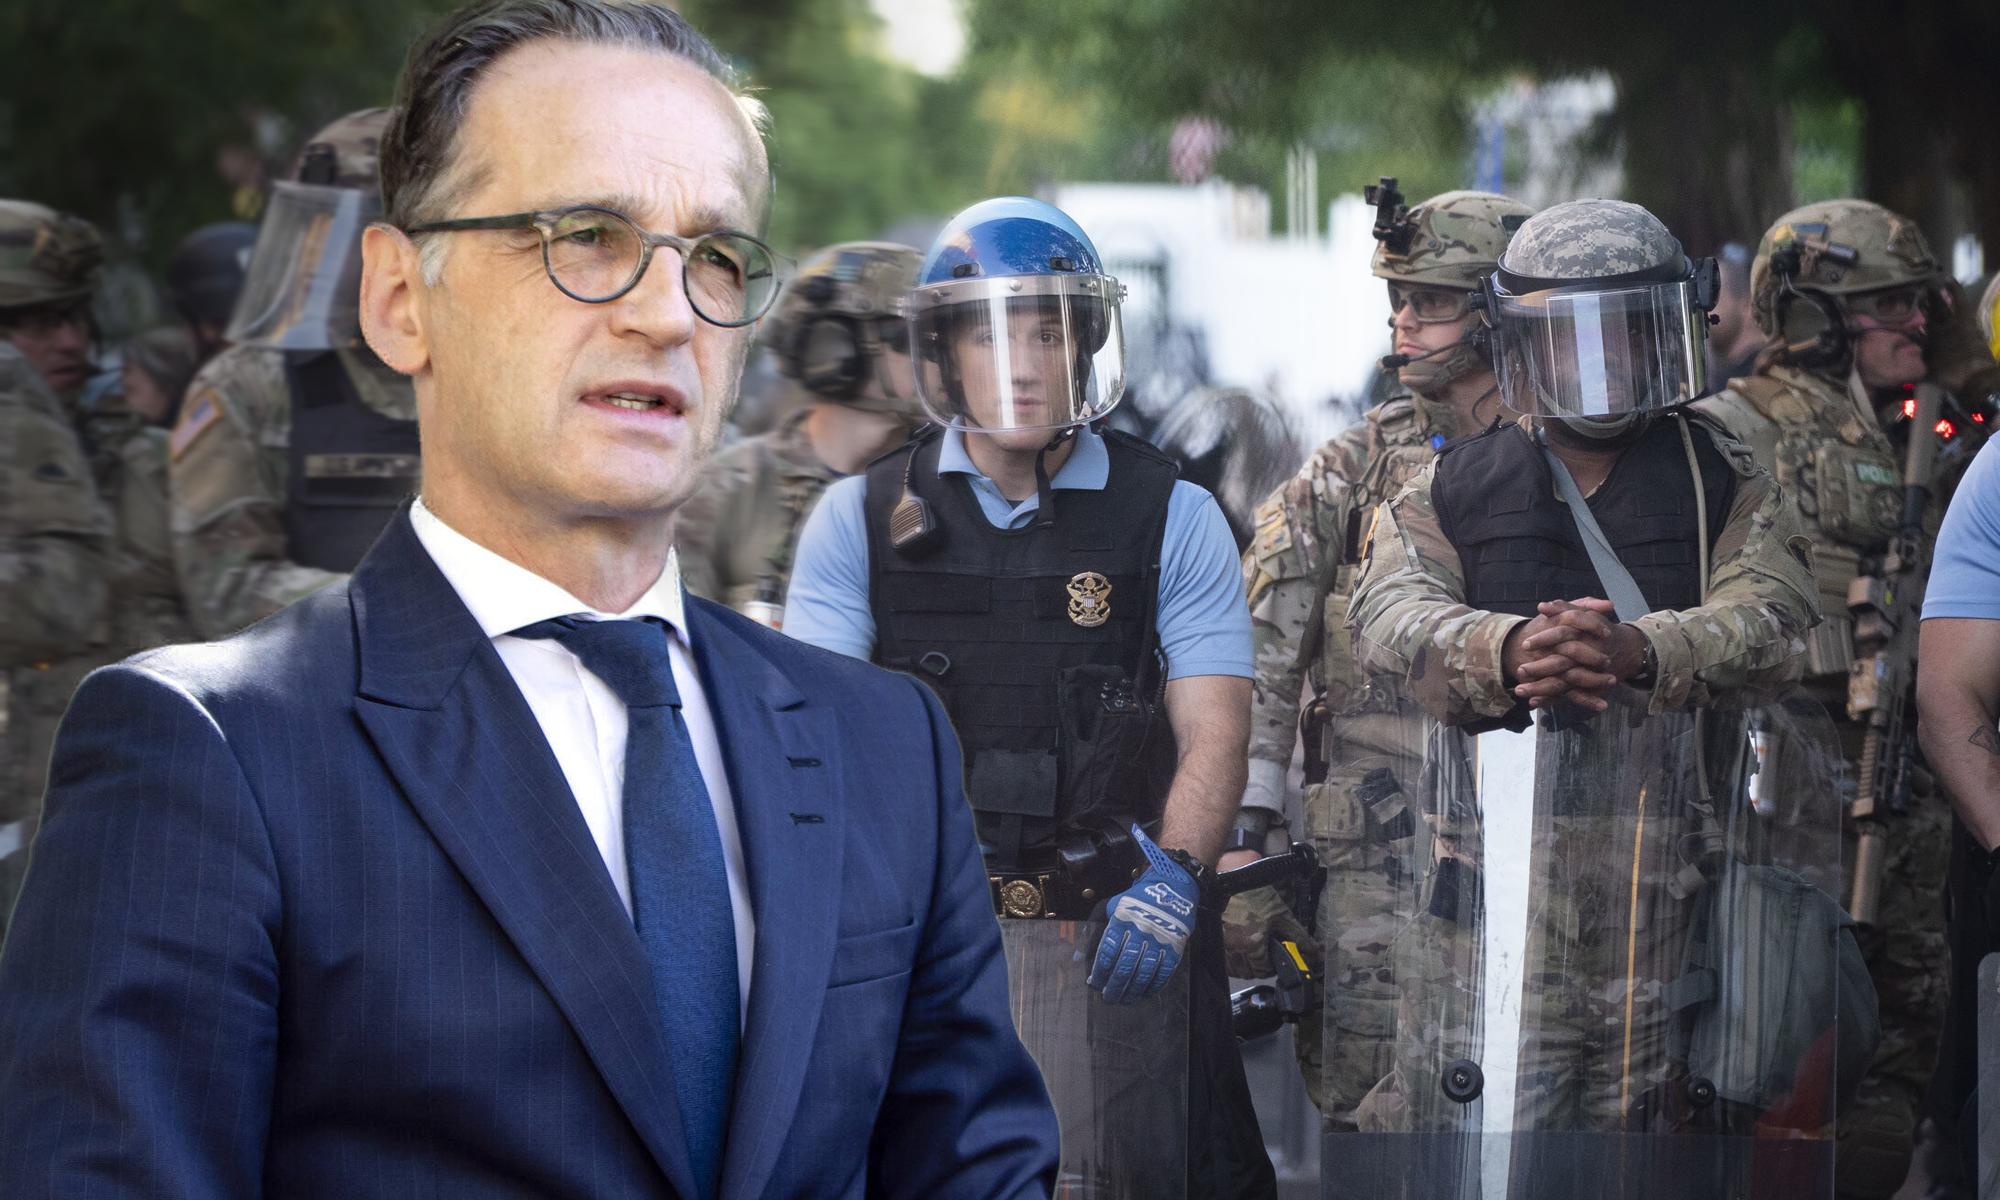 Heiko Maas (SPD), Militär- und Bereitschaftspolizei in Washington Fotos: picture alliance/ZUMA Press / imago images / photothek / JF-Montage